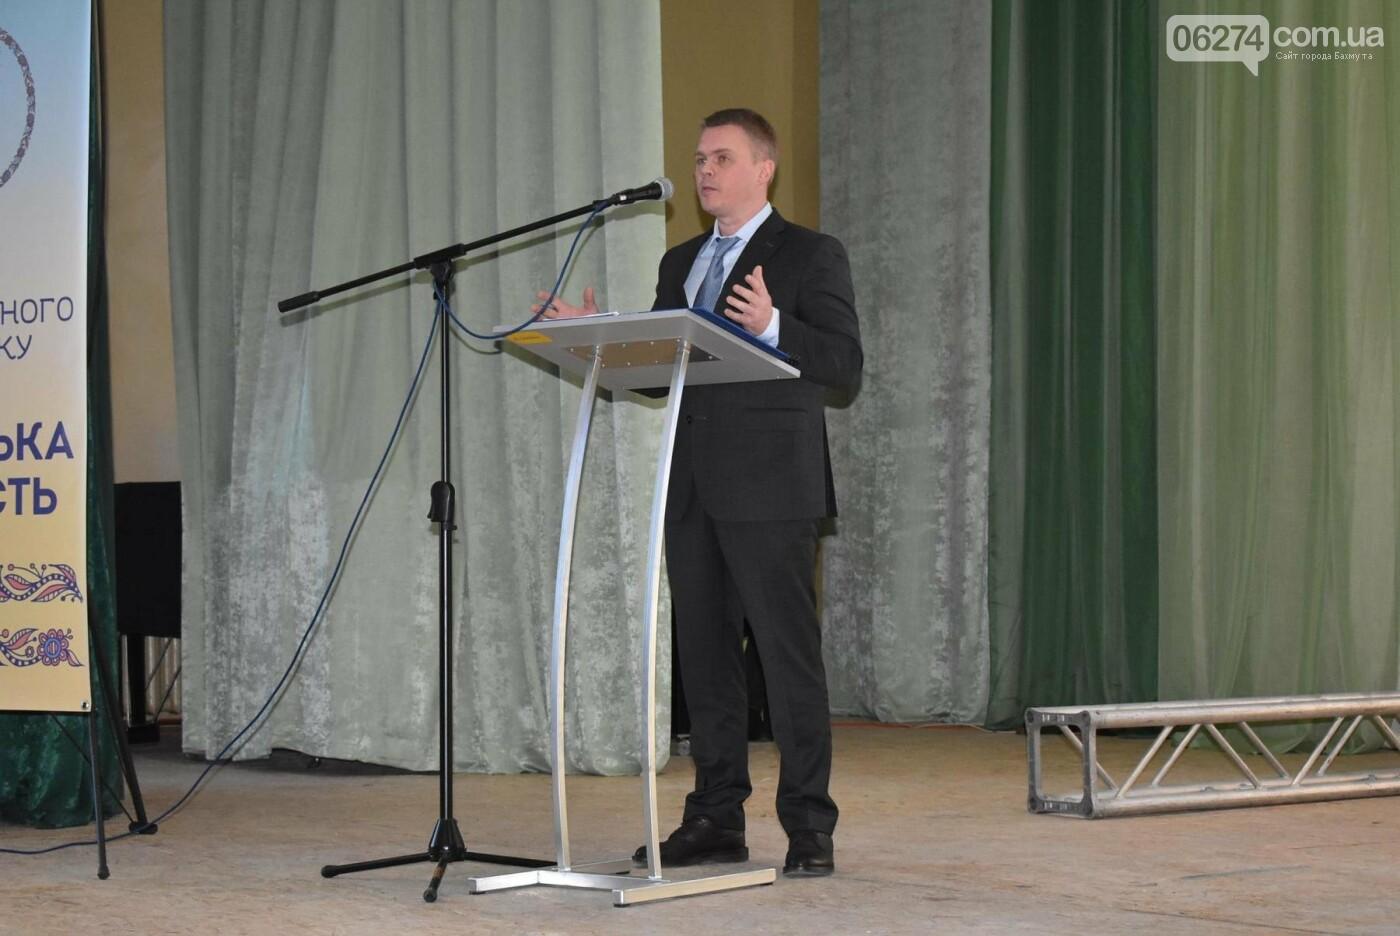 Городской голова Бахмута принял участие в заседании Совета регионального развития Донецкой области, фото-2